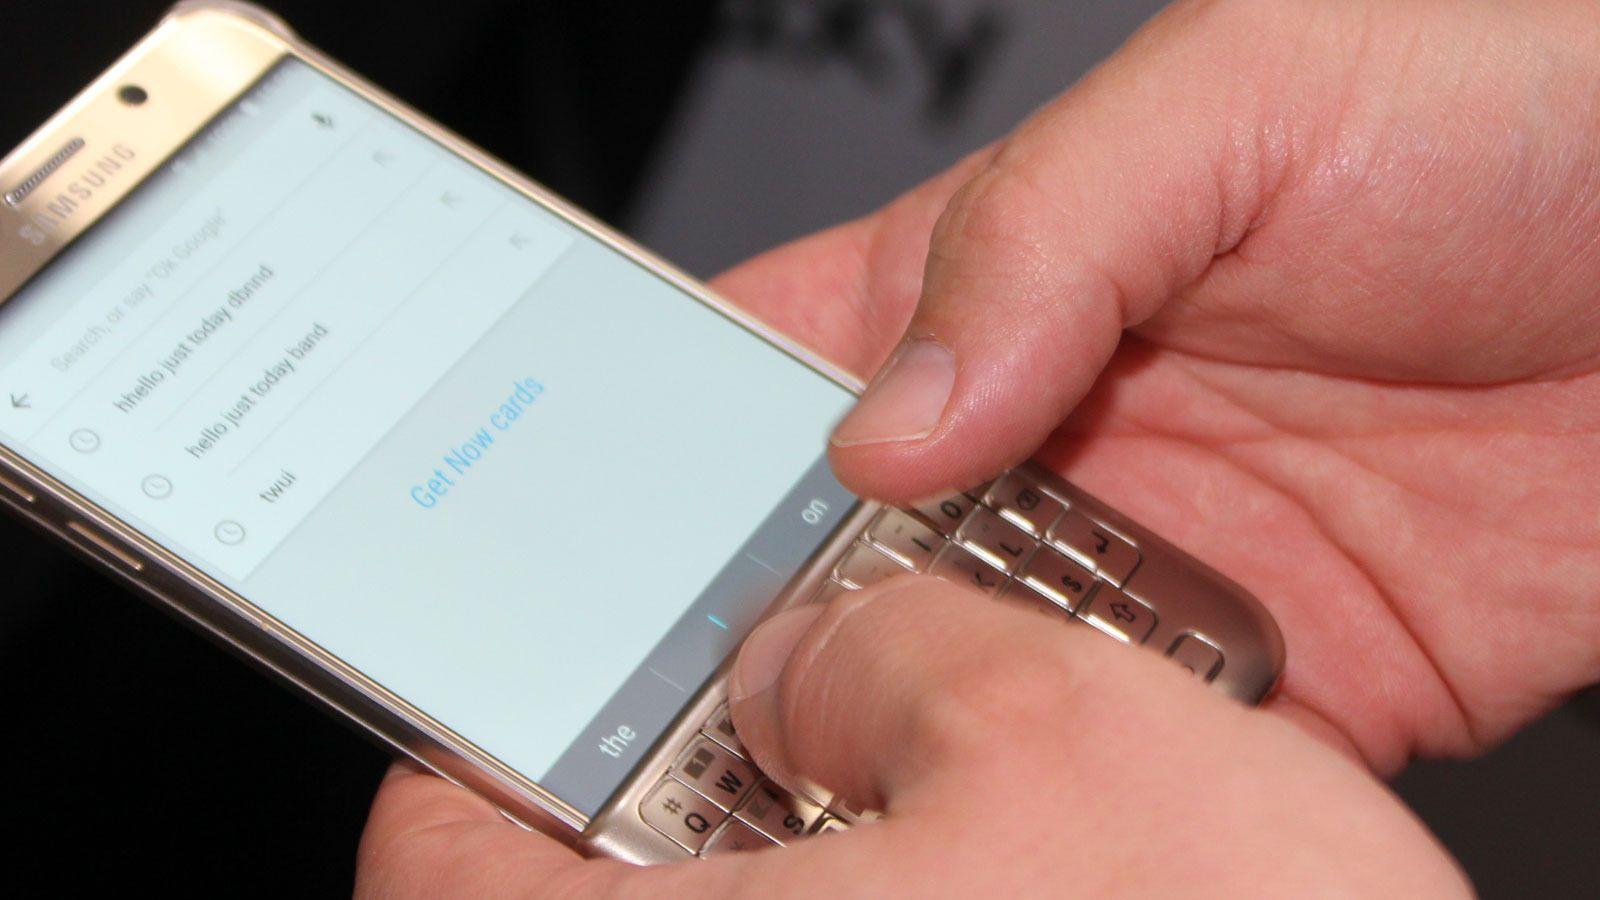 Samsung viste også et nytt qwerty-tastaturdeksel. Dekselet er lett å ta av eller på, og lar deg skrive på skjermen med fysiske taster. Flere bilder av tastaturet og annet tilbehør finner du under artikkelen. Foto: Espen Irwing Swang, Tek.no